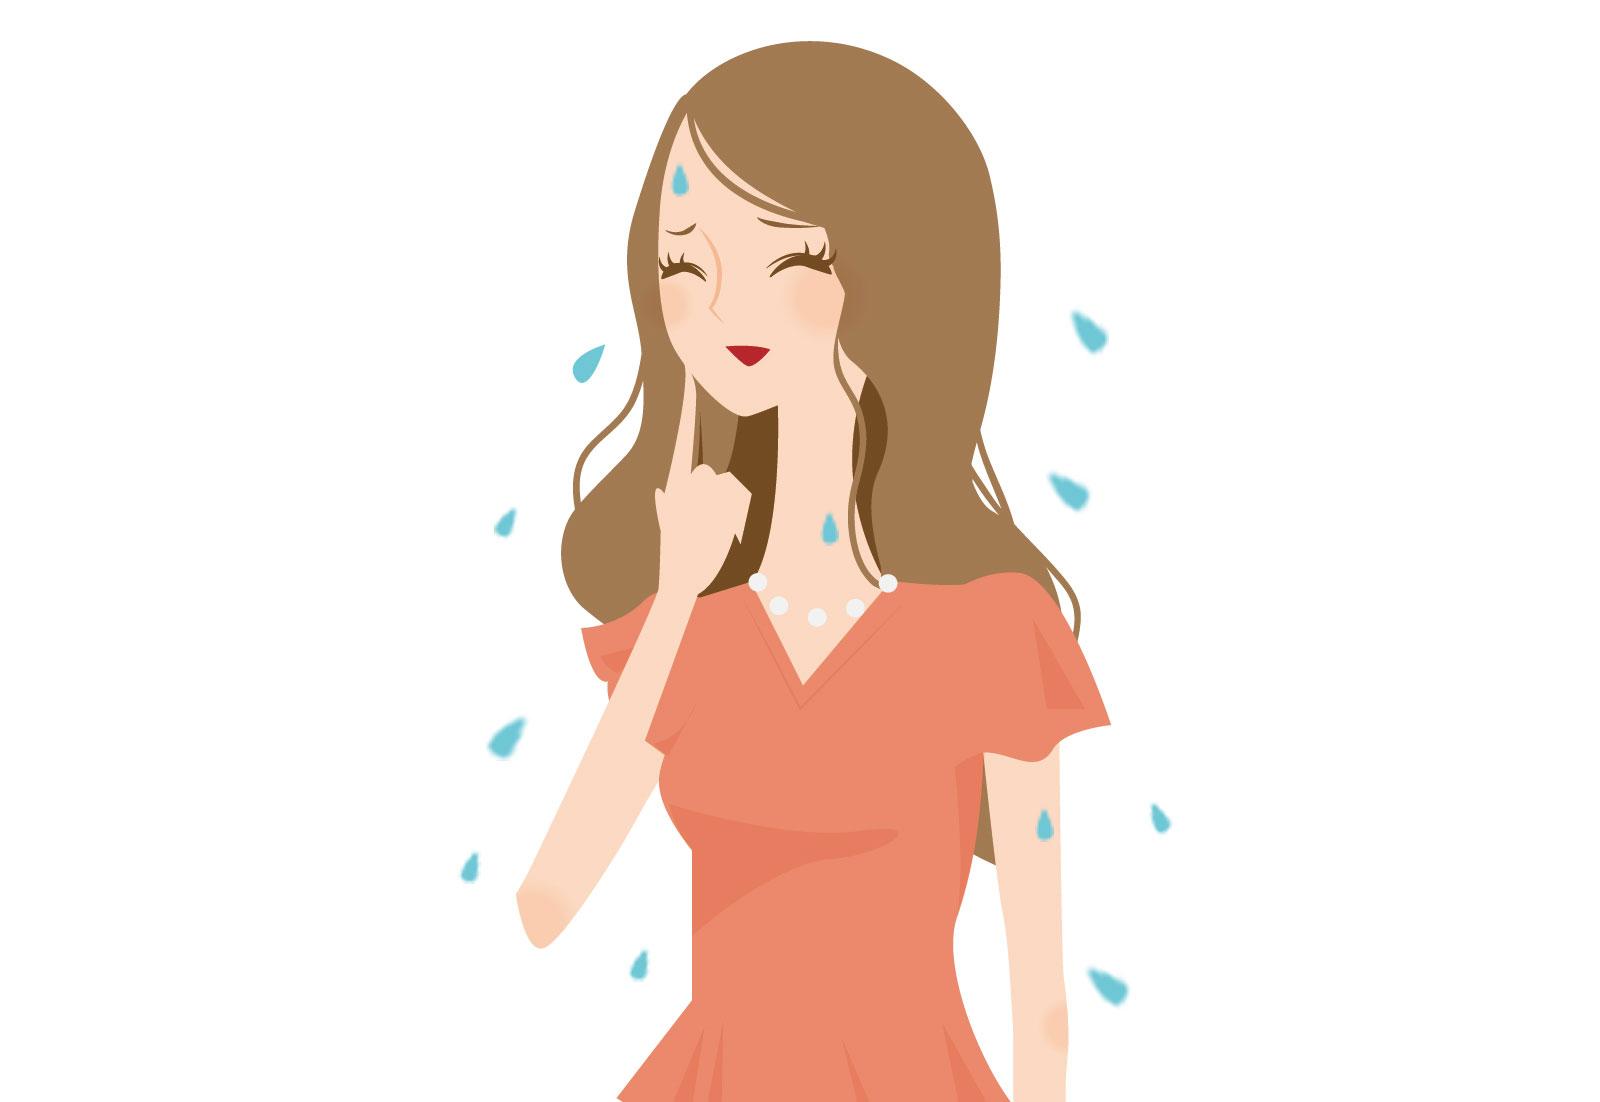 汗っかきと多汗症の違いは一体何?多汗症の種類についてもご紹介